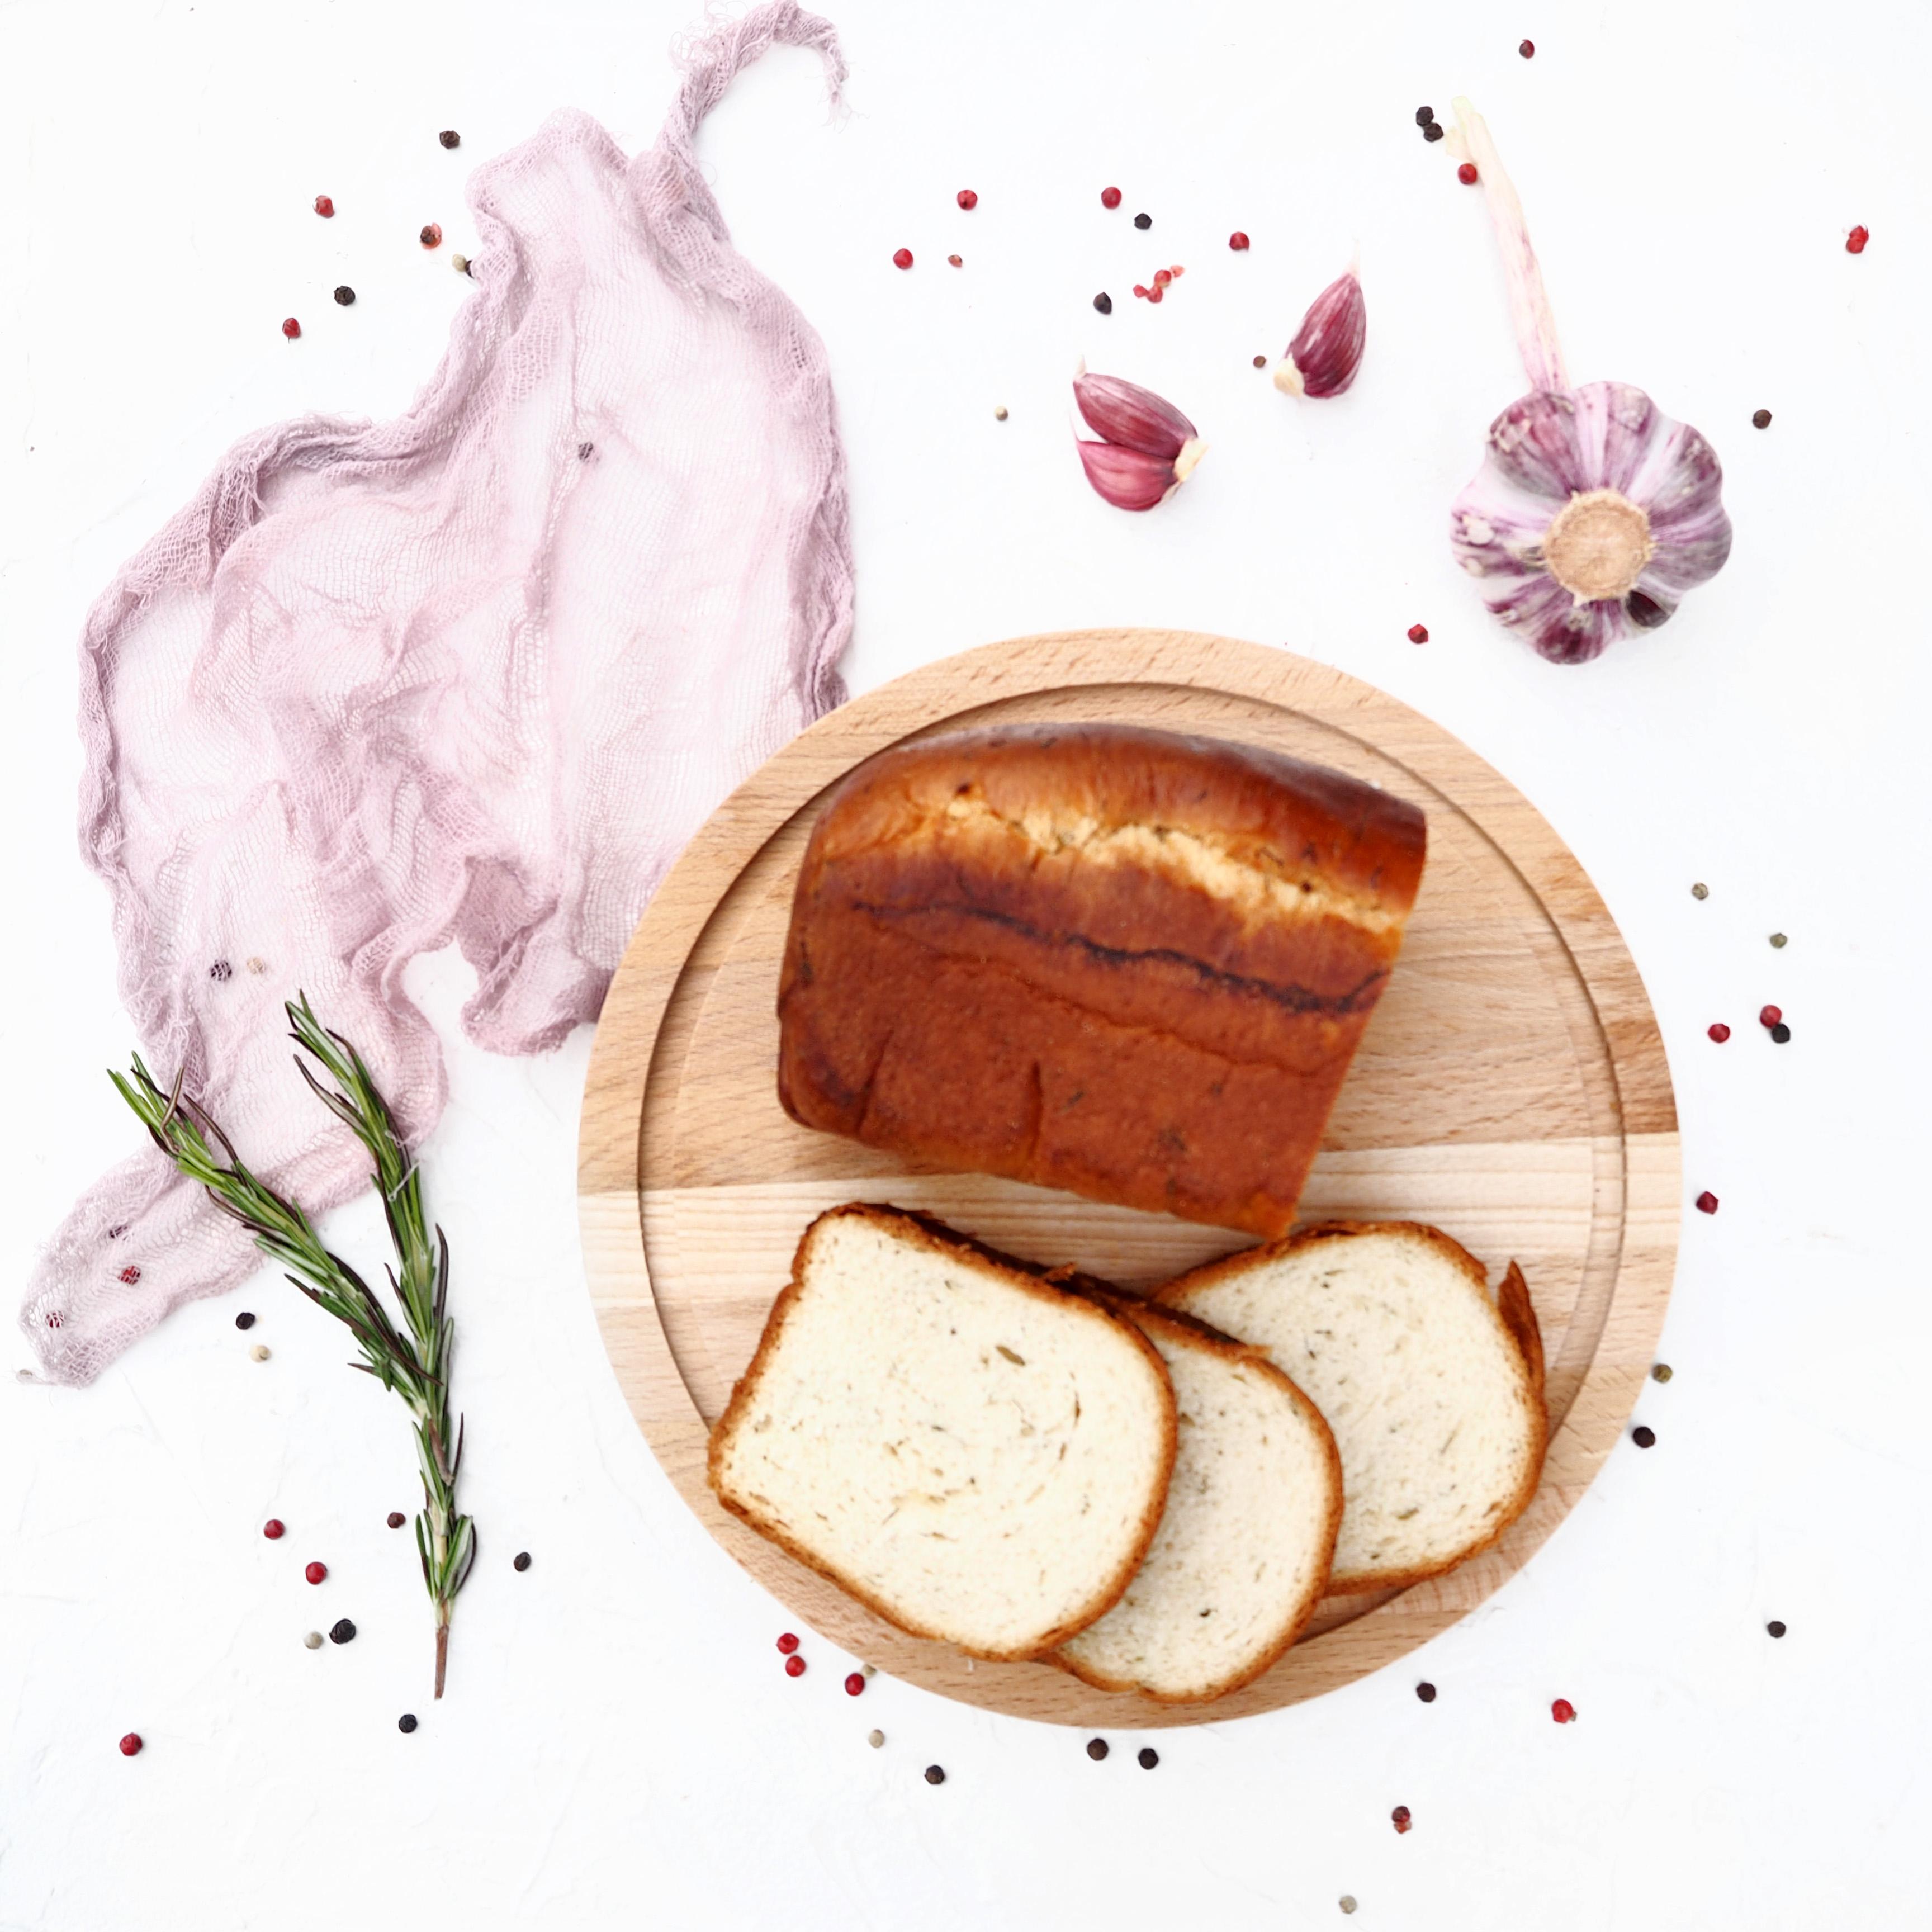 Замороженный чесночный хлеб (1 шт., 315 г)